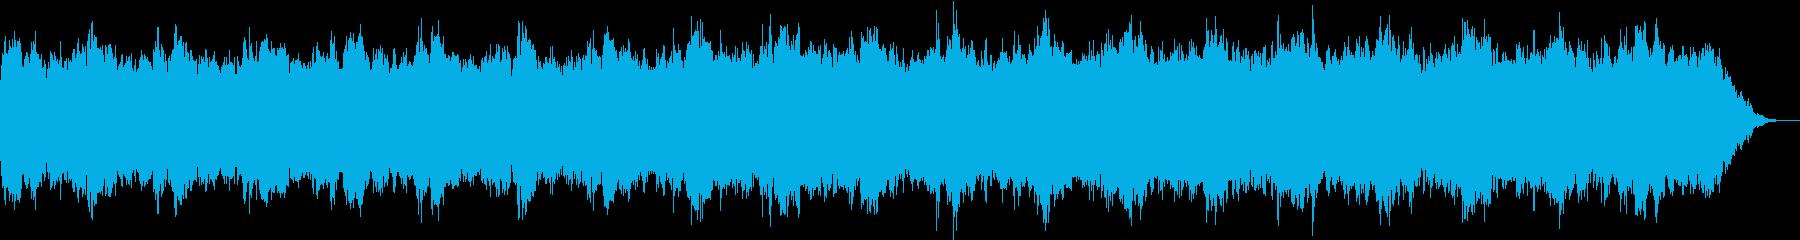 ヒーリング、アンビエントの再生済みの波形